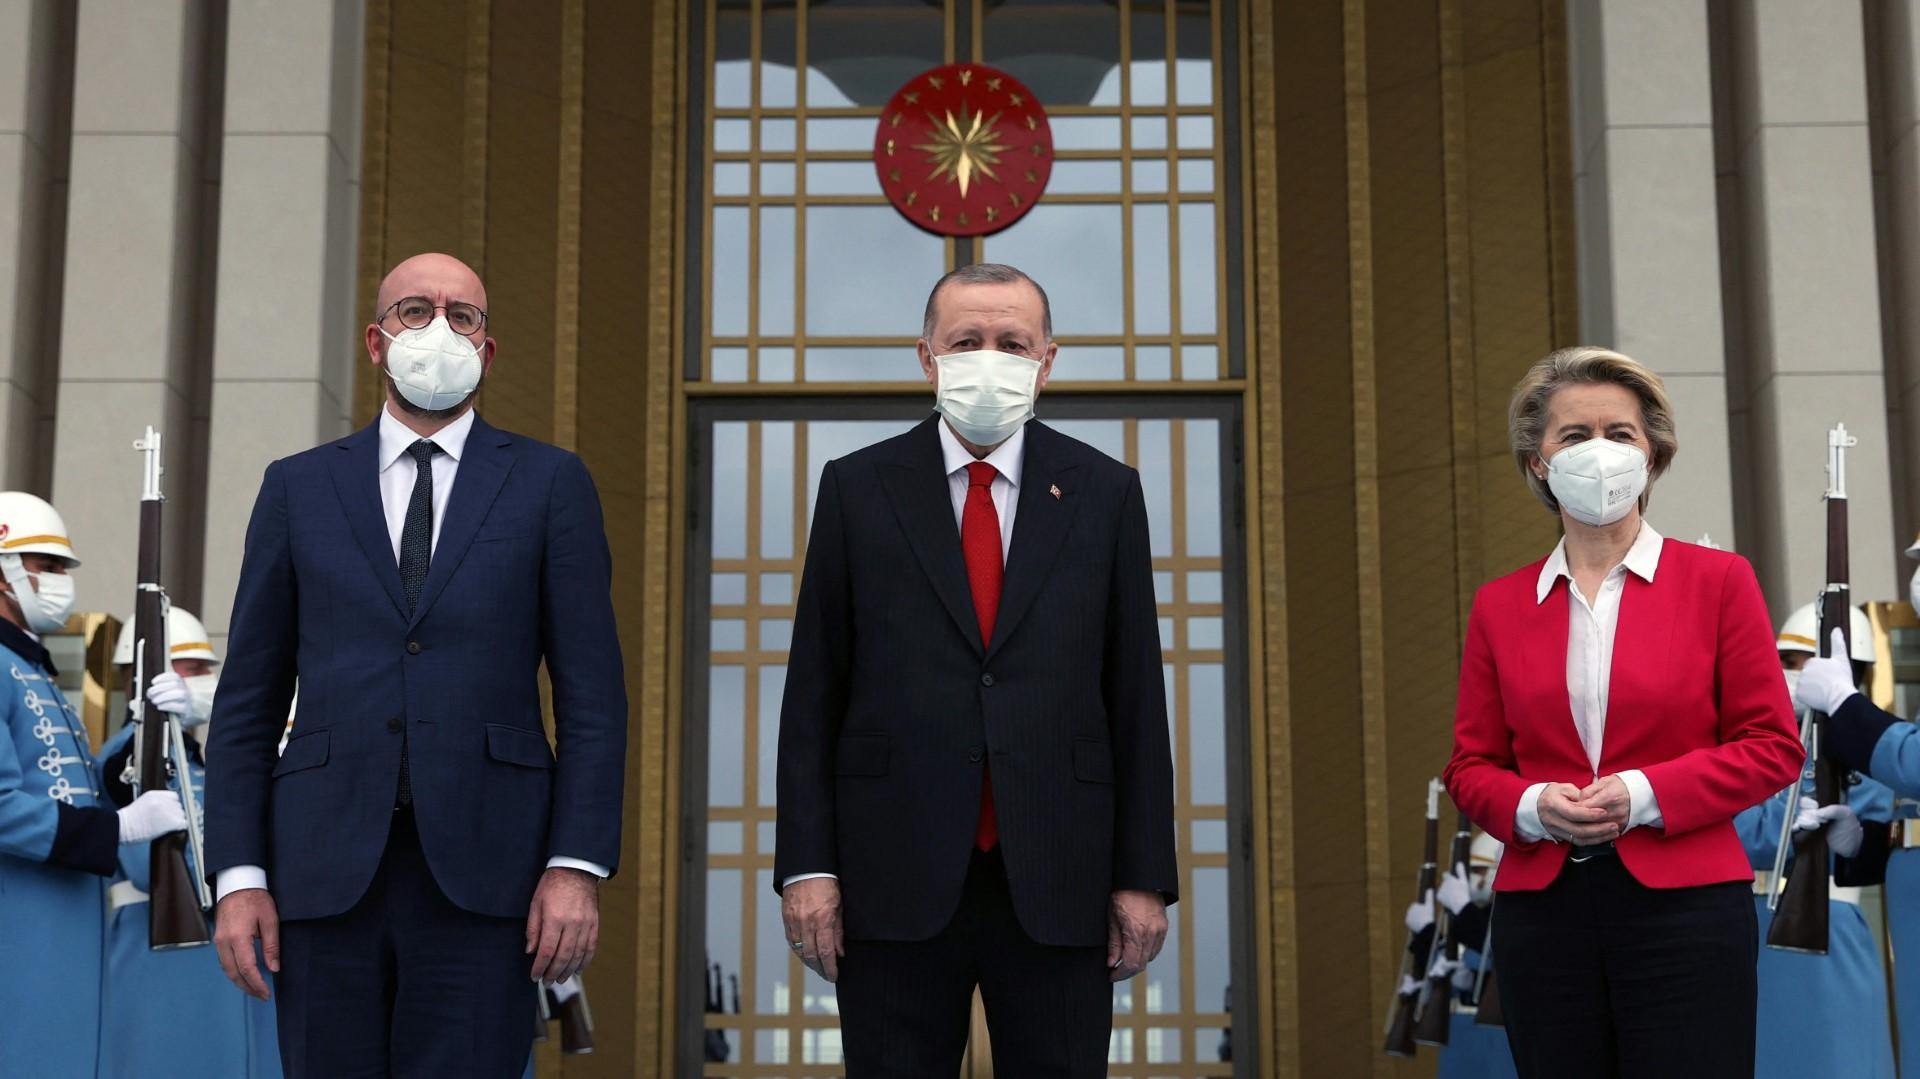 EU-Spitzen verlangen von Erdogan Achtung von Grundrechten